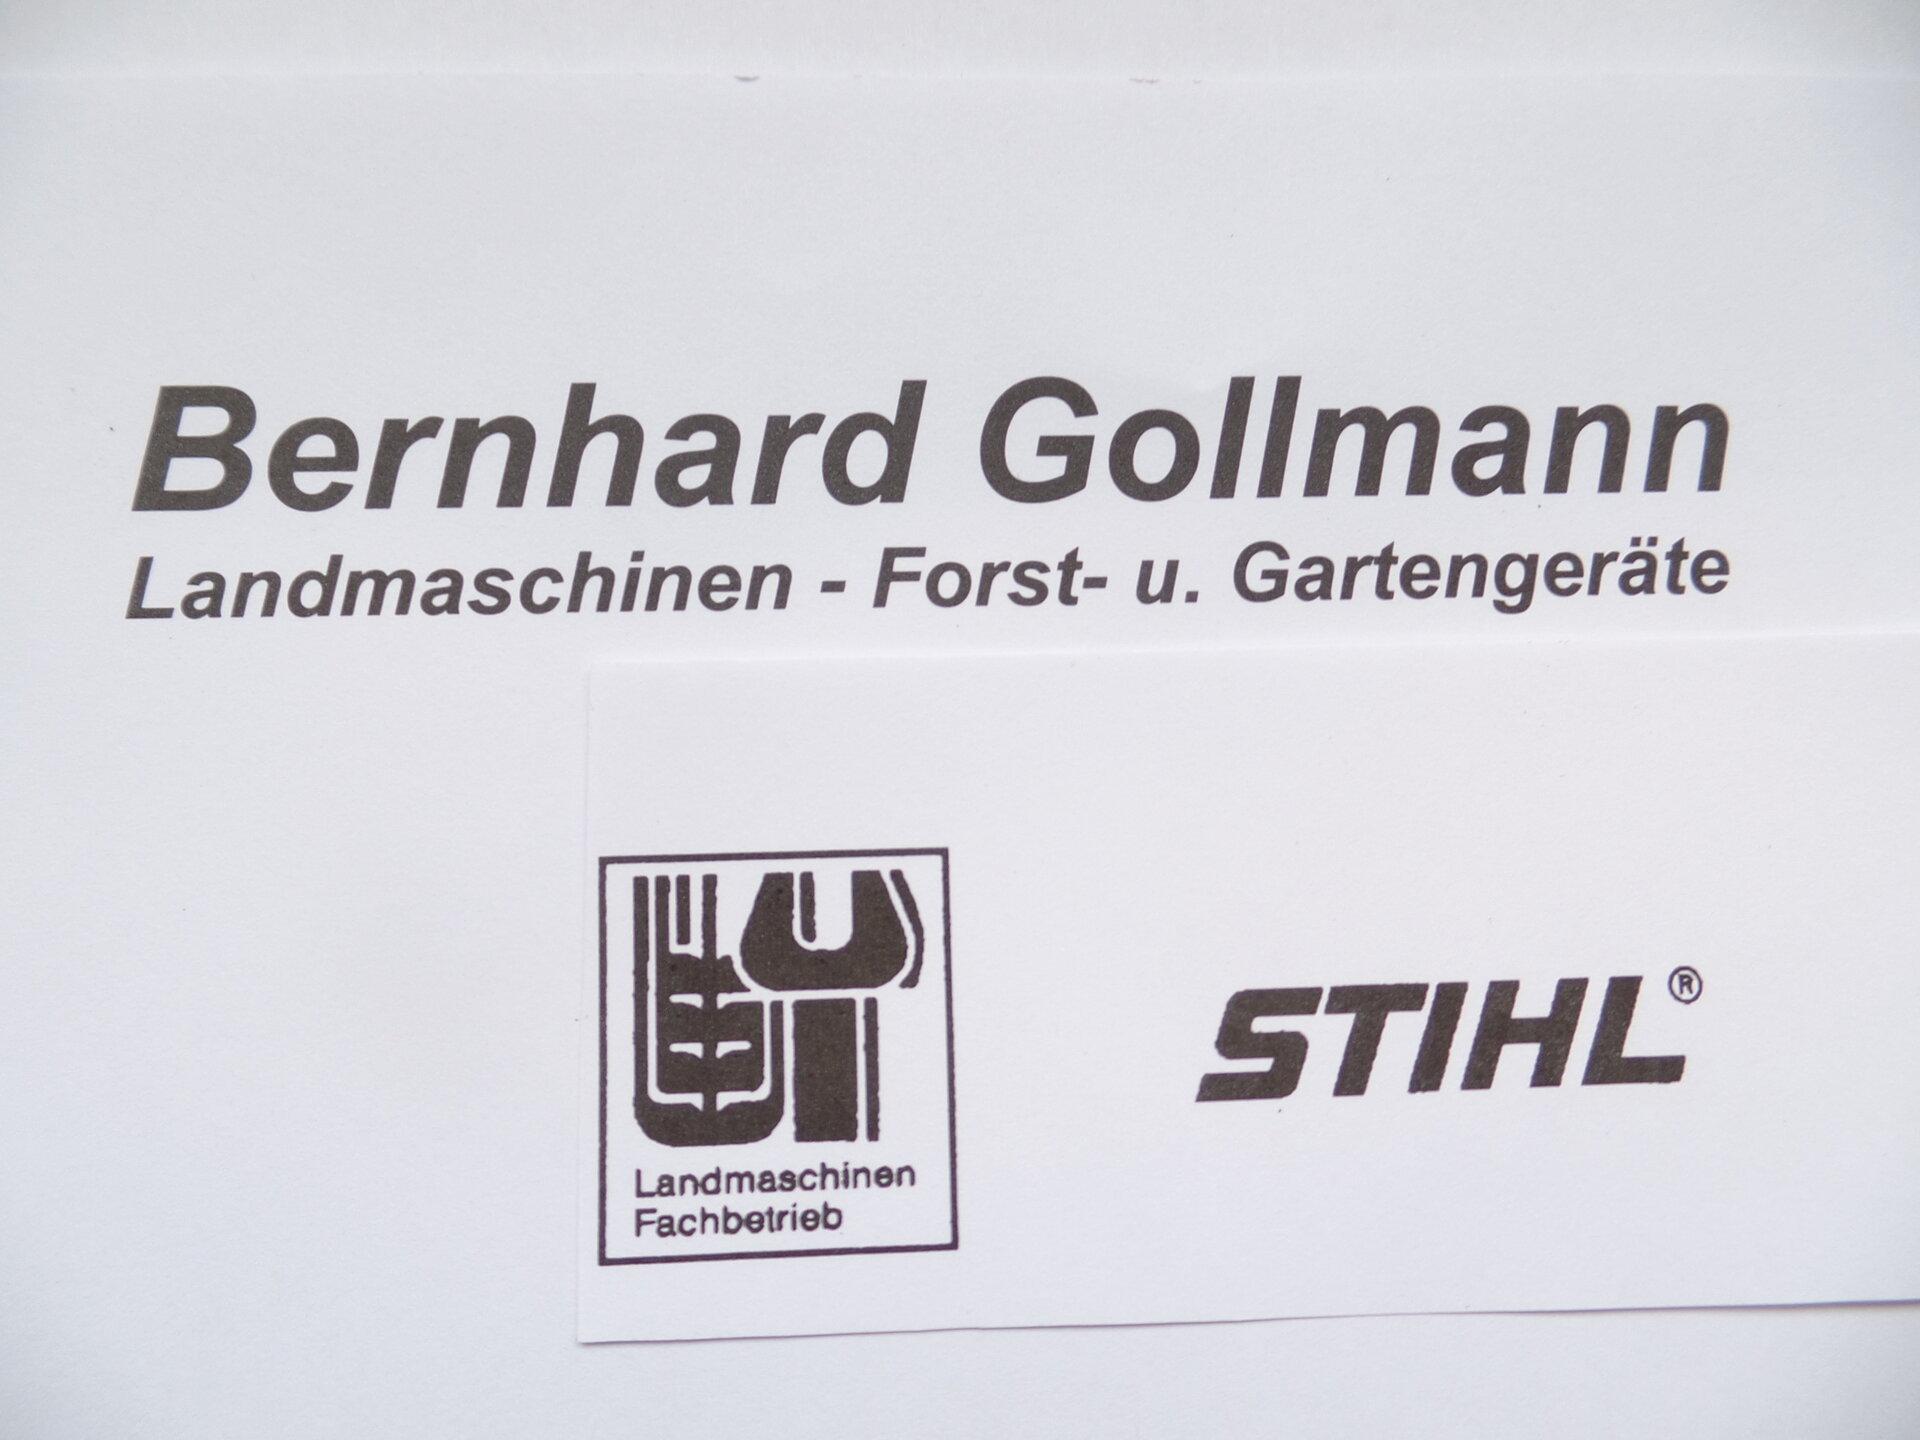 Bernhard Gollmann